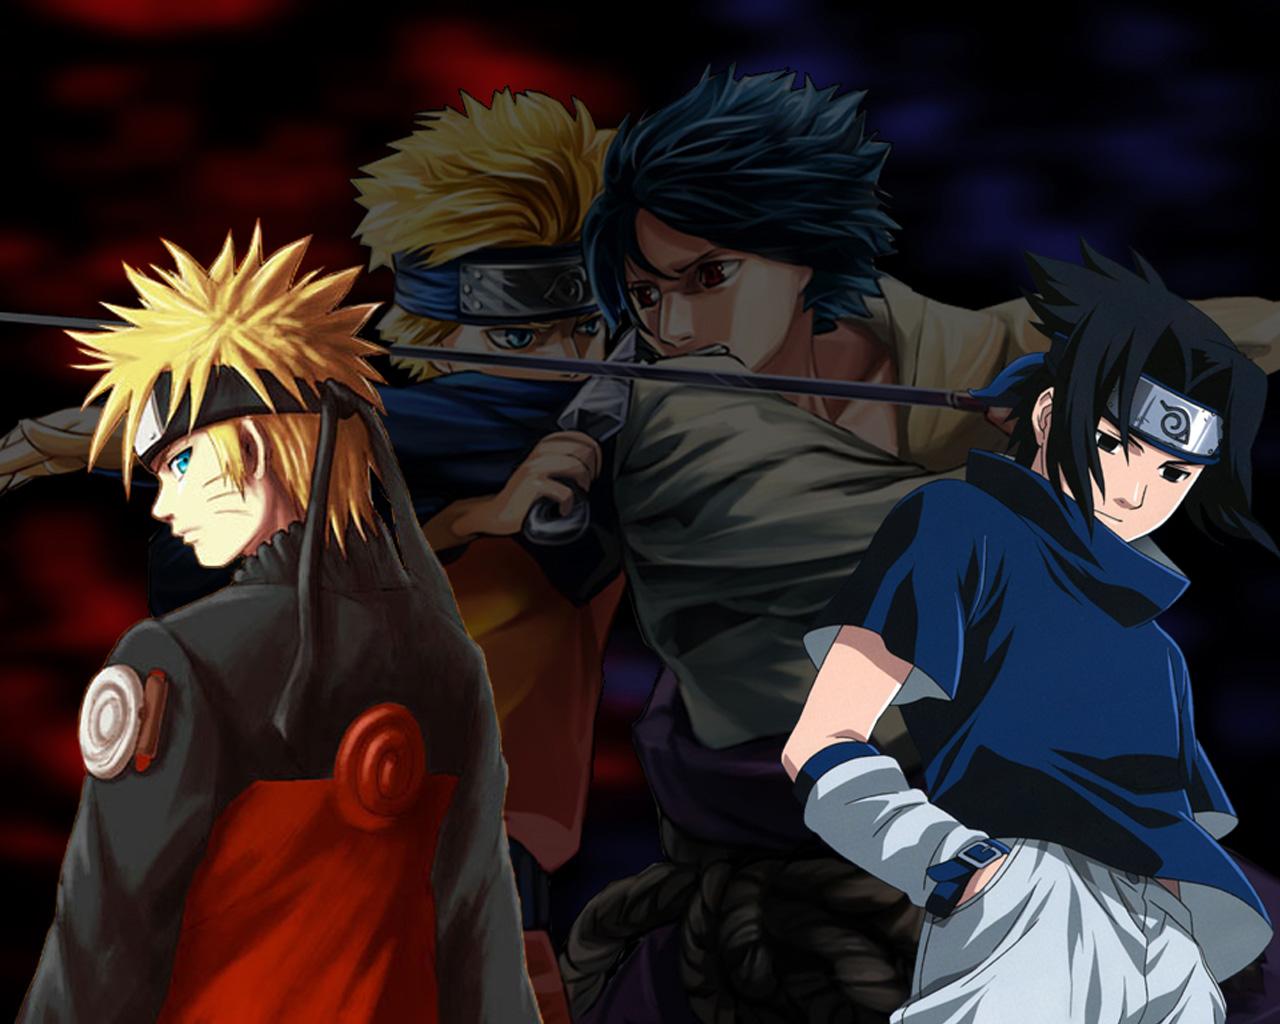 Gambar Sasuke Mari Mencari Ilmu Memperdalam Pengetahuan Di Dunia